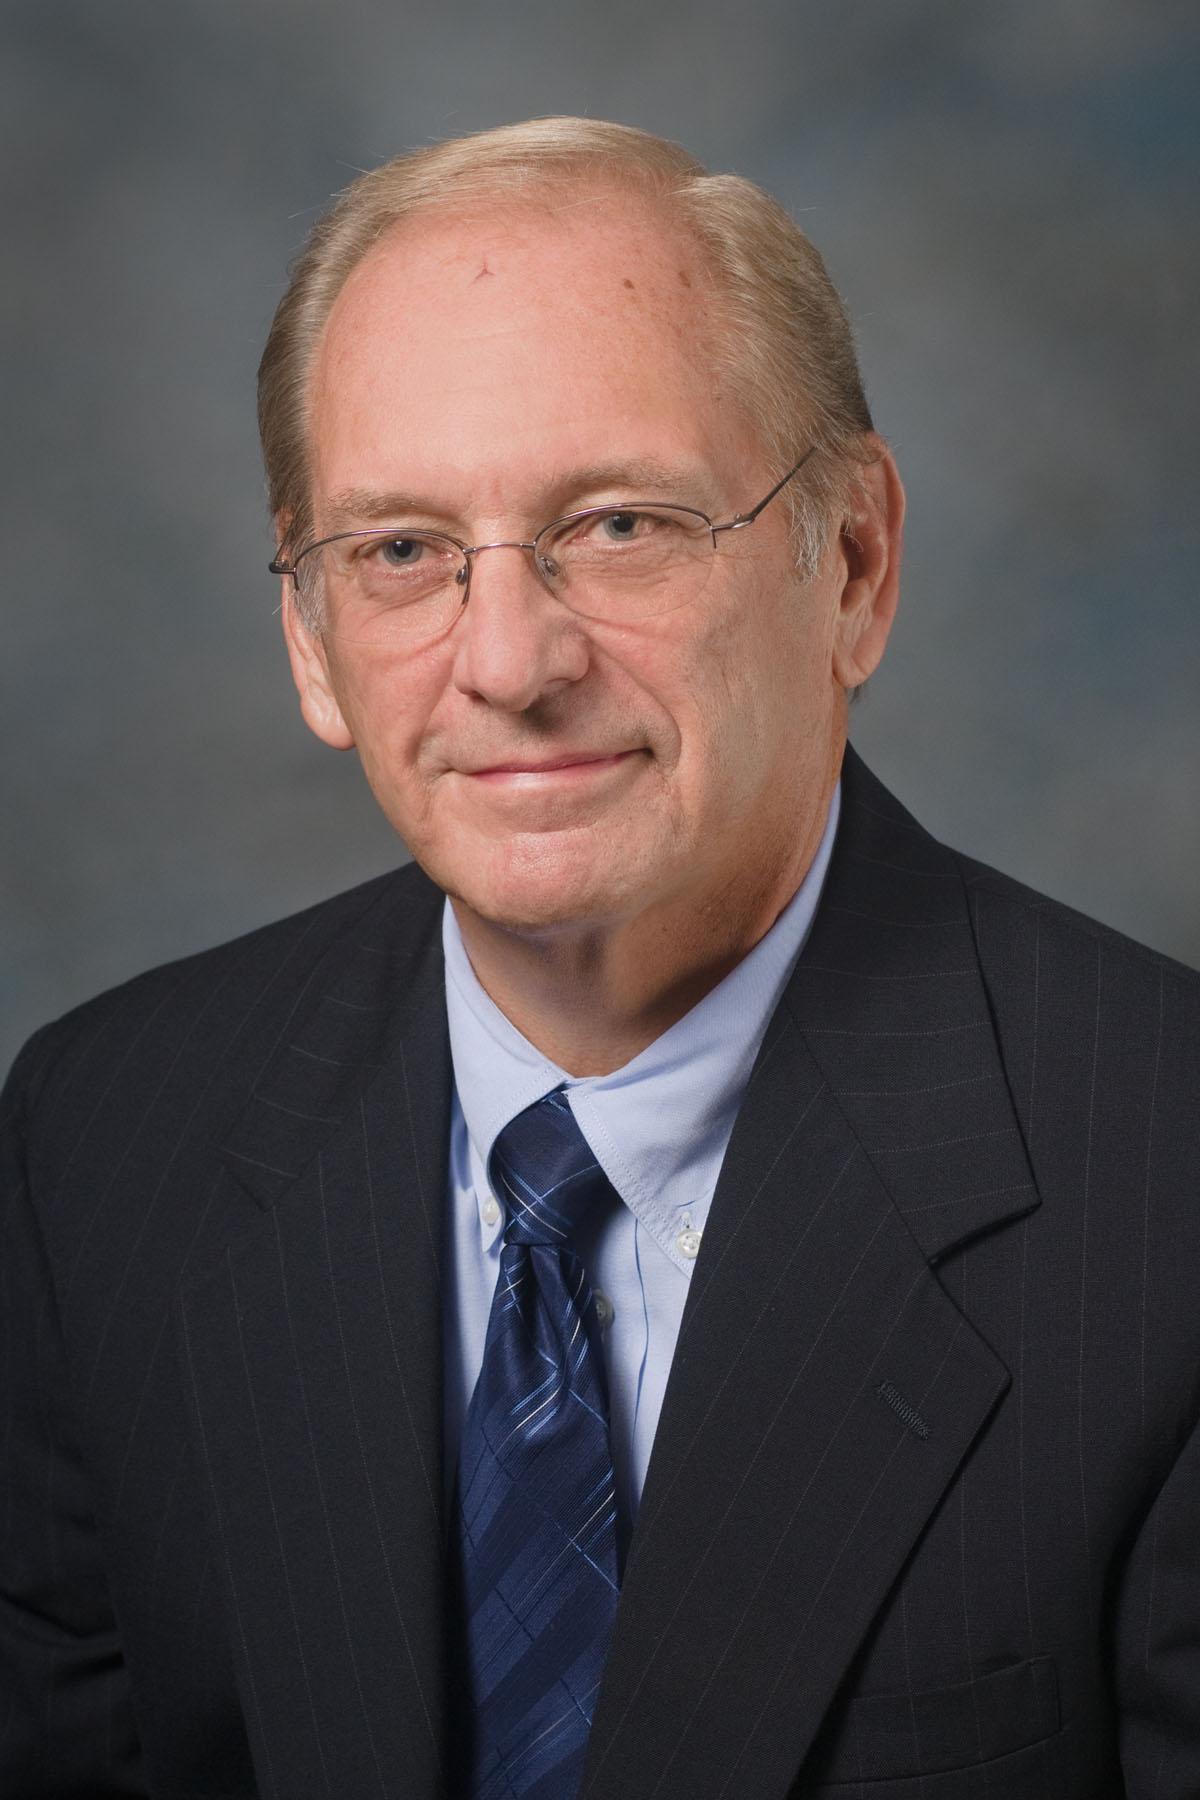 William Daigneau, APPA Fellow